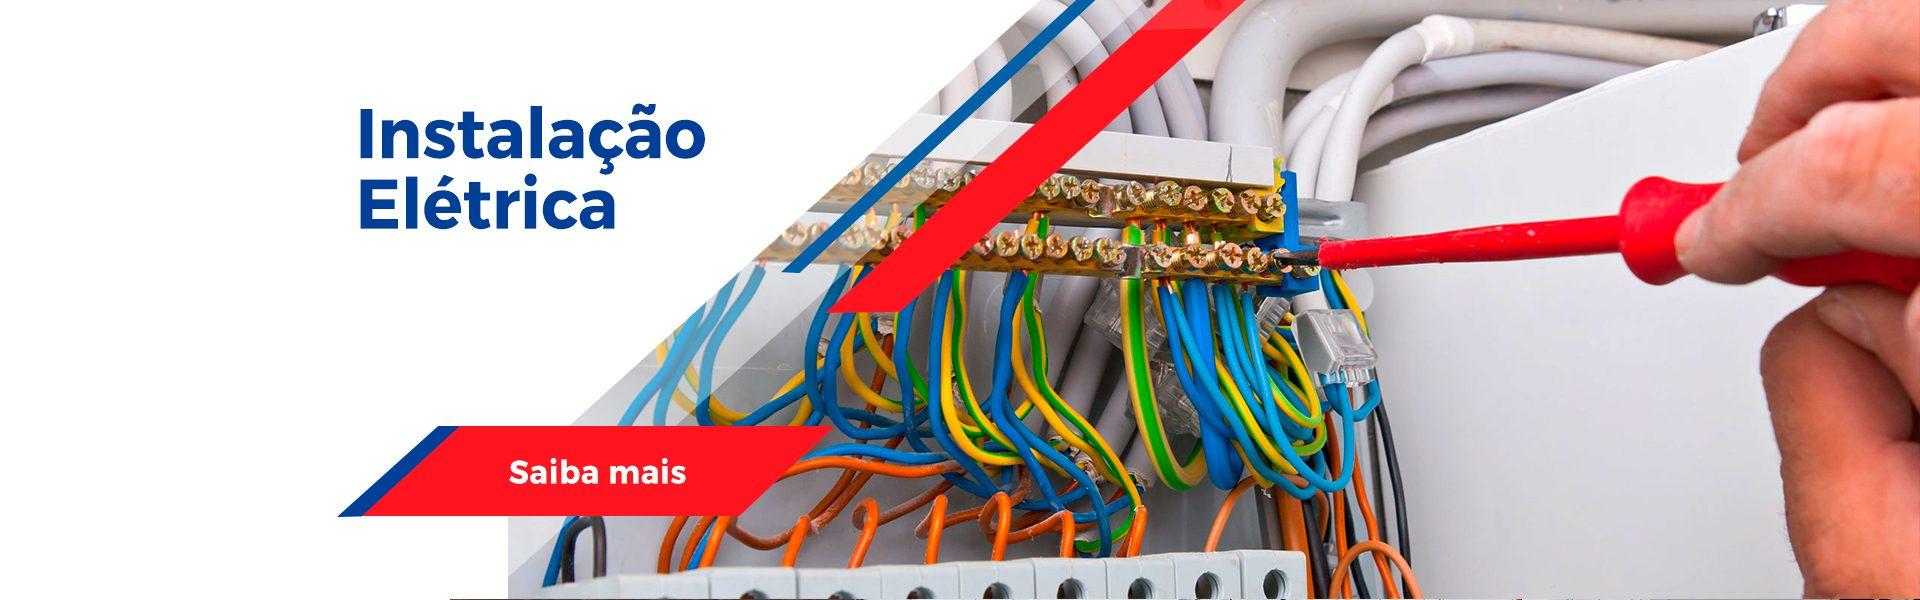 banner-instalação--eletrica